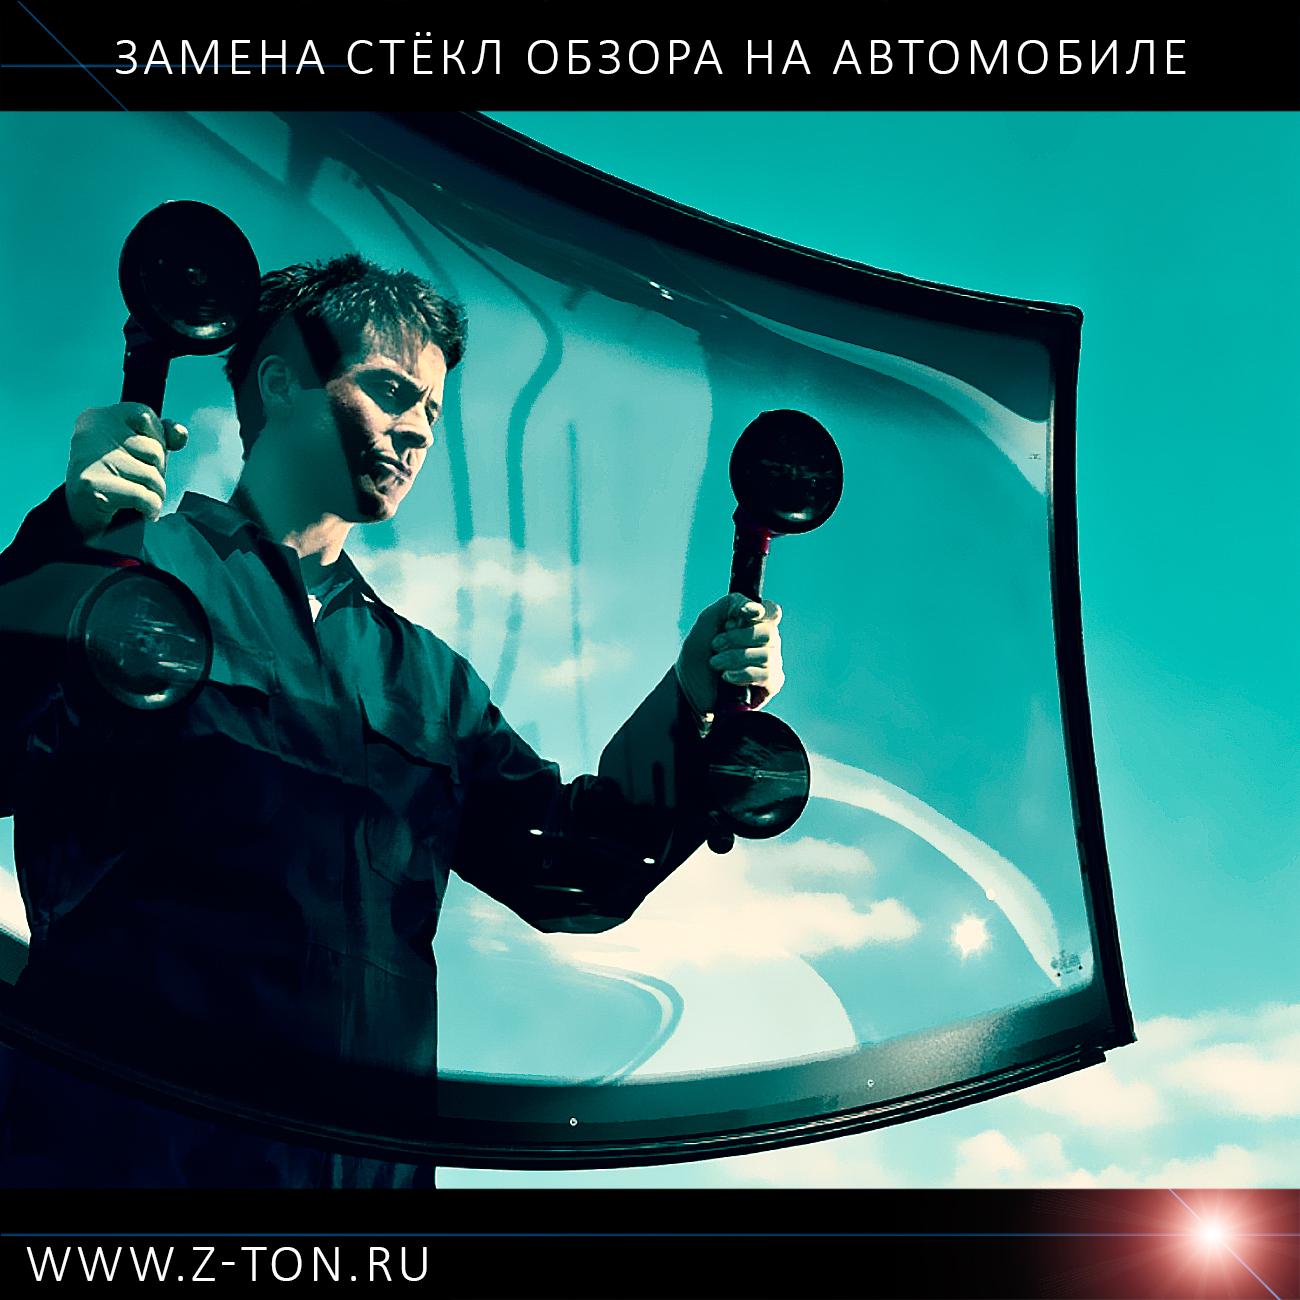 Замена лобового стекла автомобиля в Зеленограде